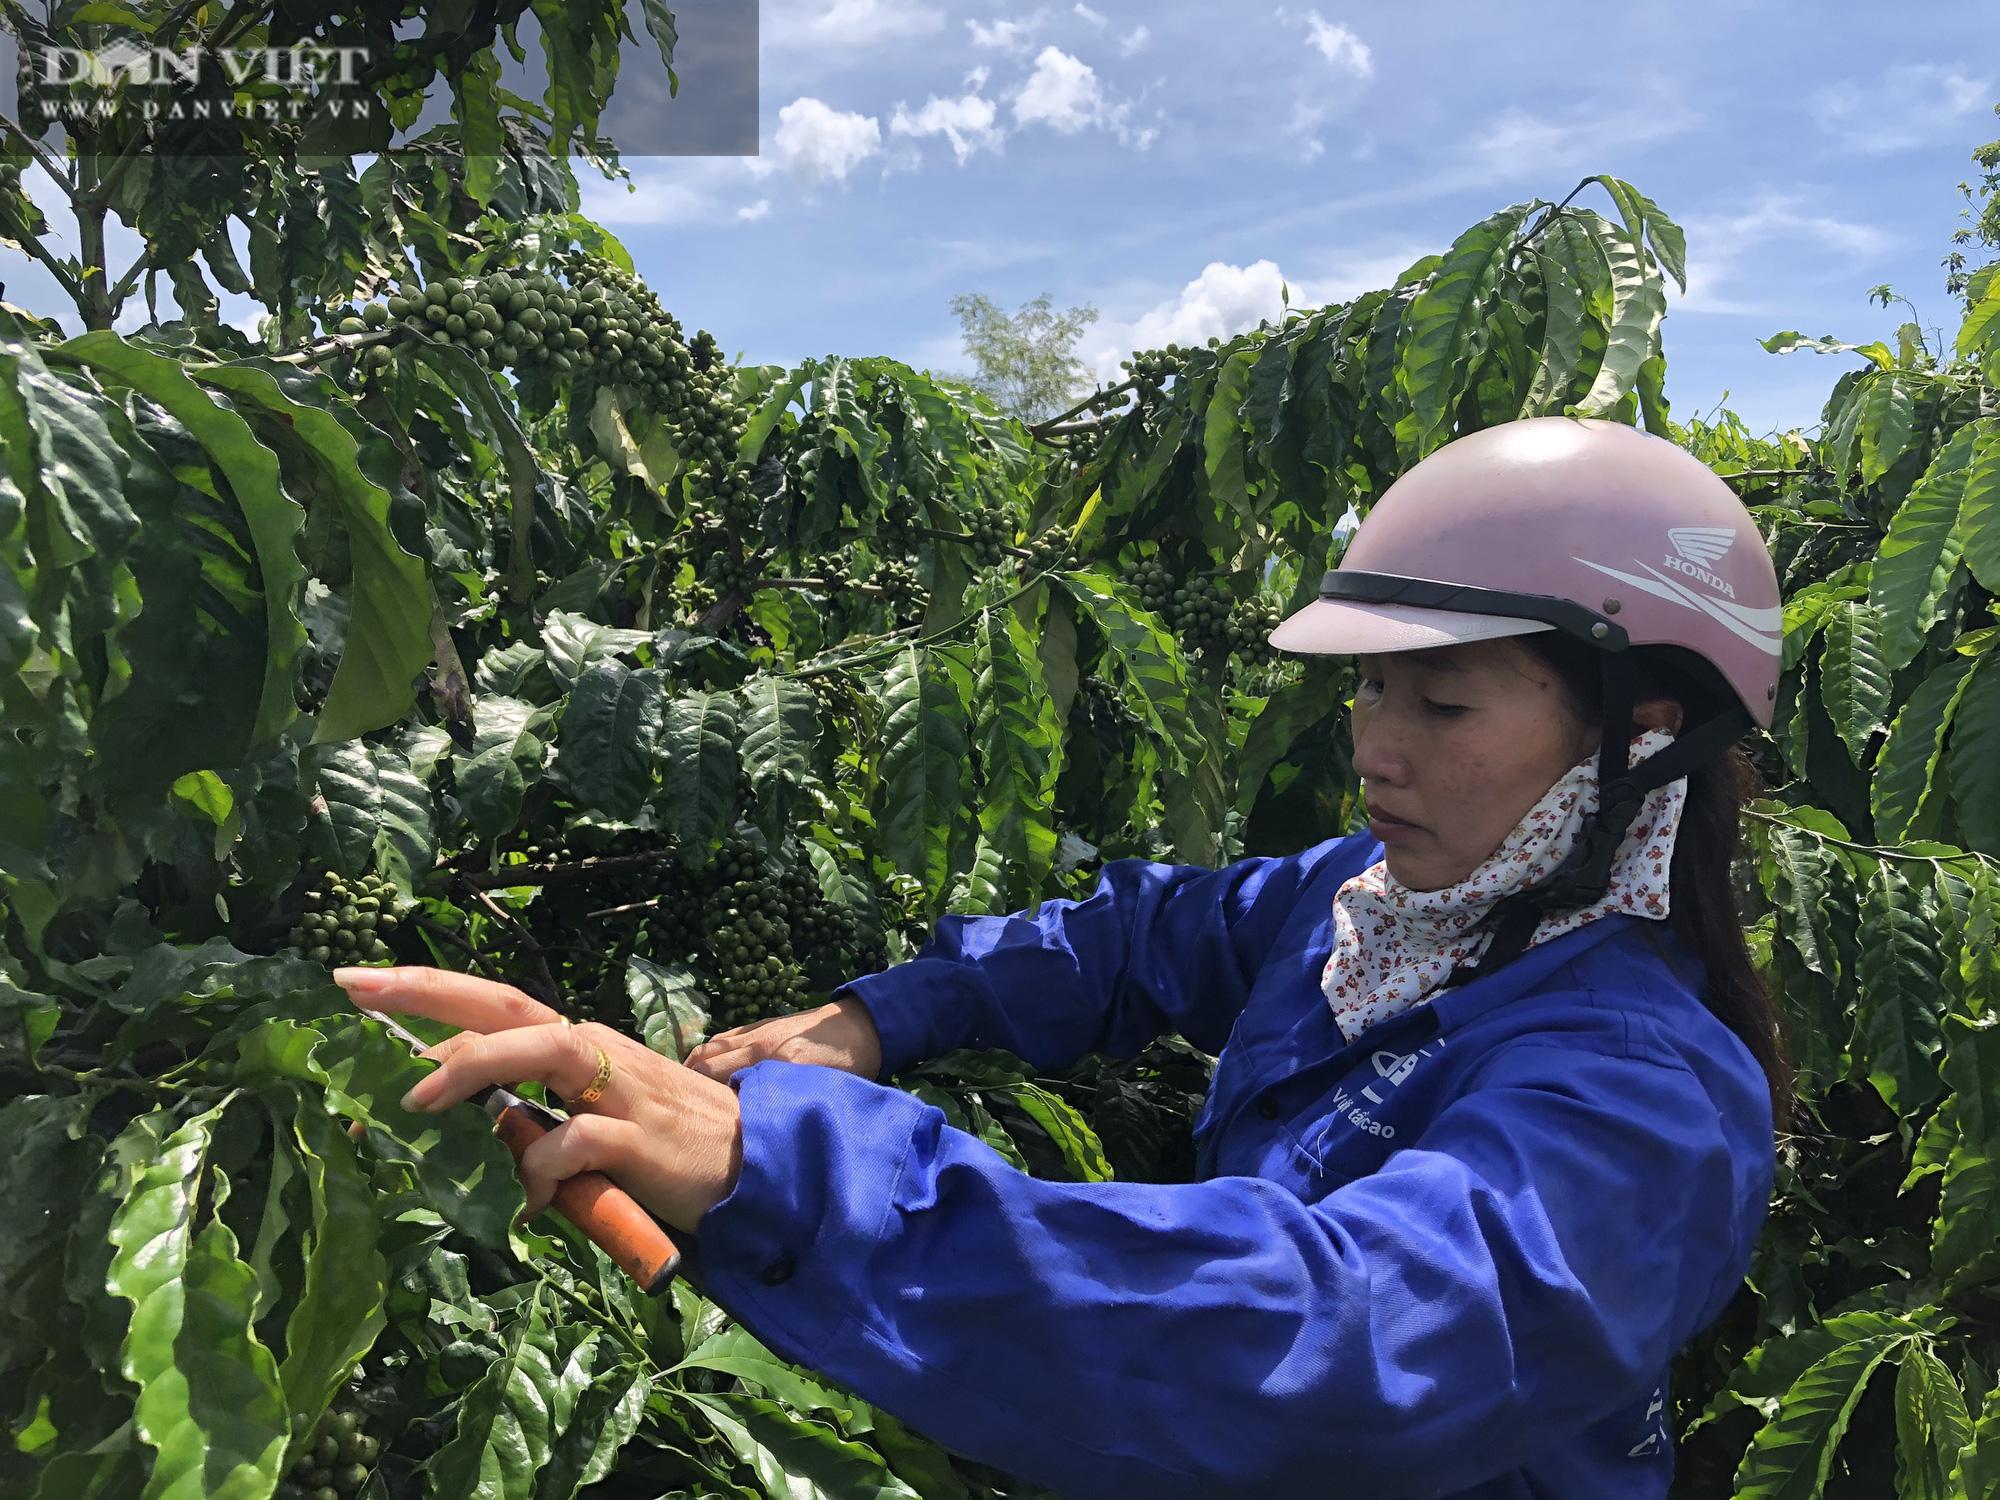 Người phụ nữ chân đất thu hơn 2 tỷ/năm với 5ha cà phê sạch - Ảnh 2.